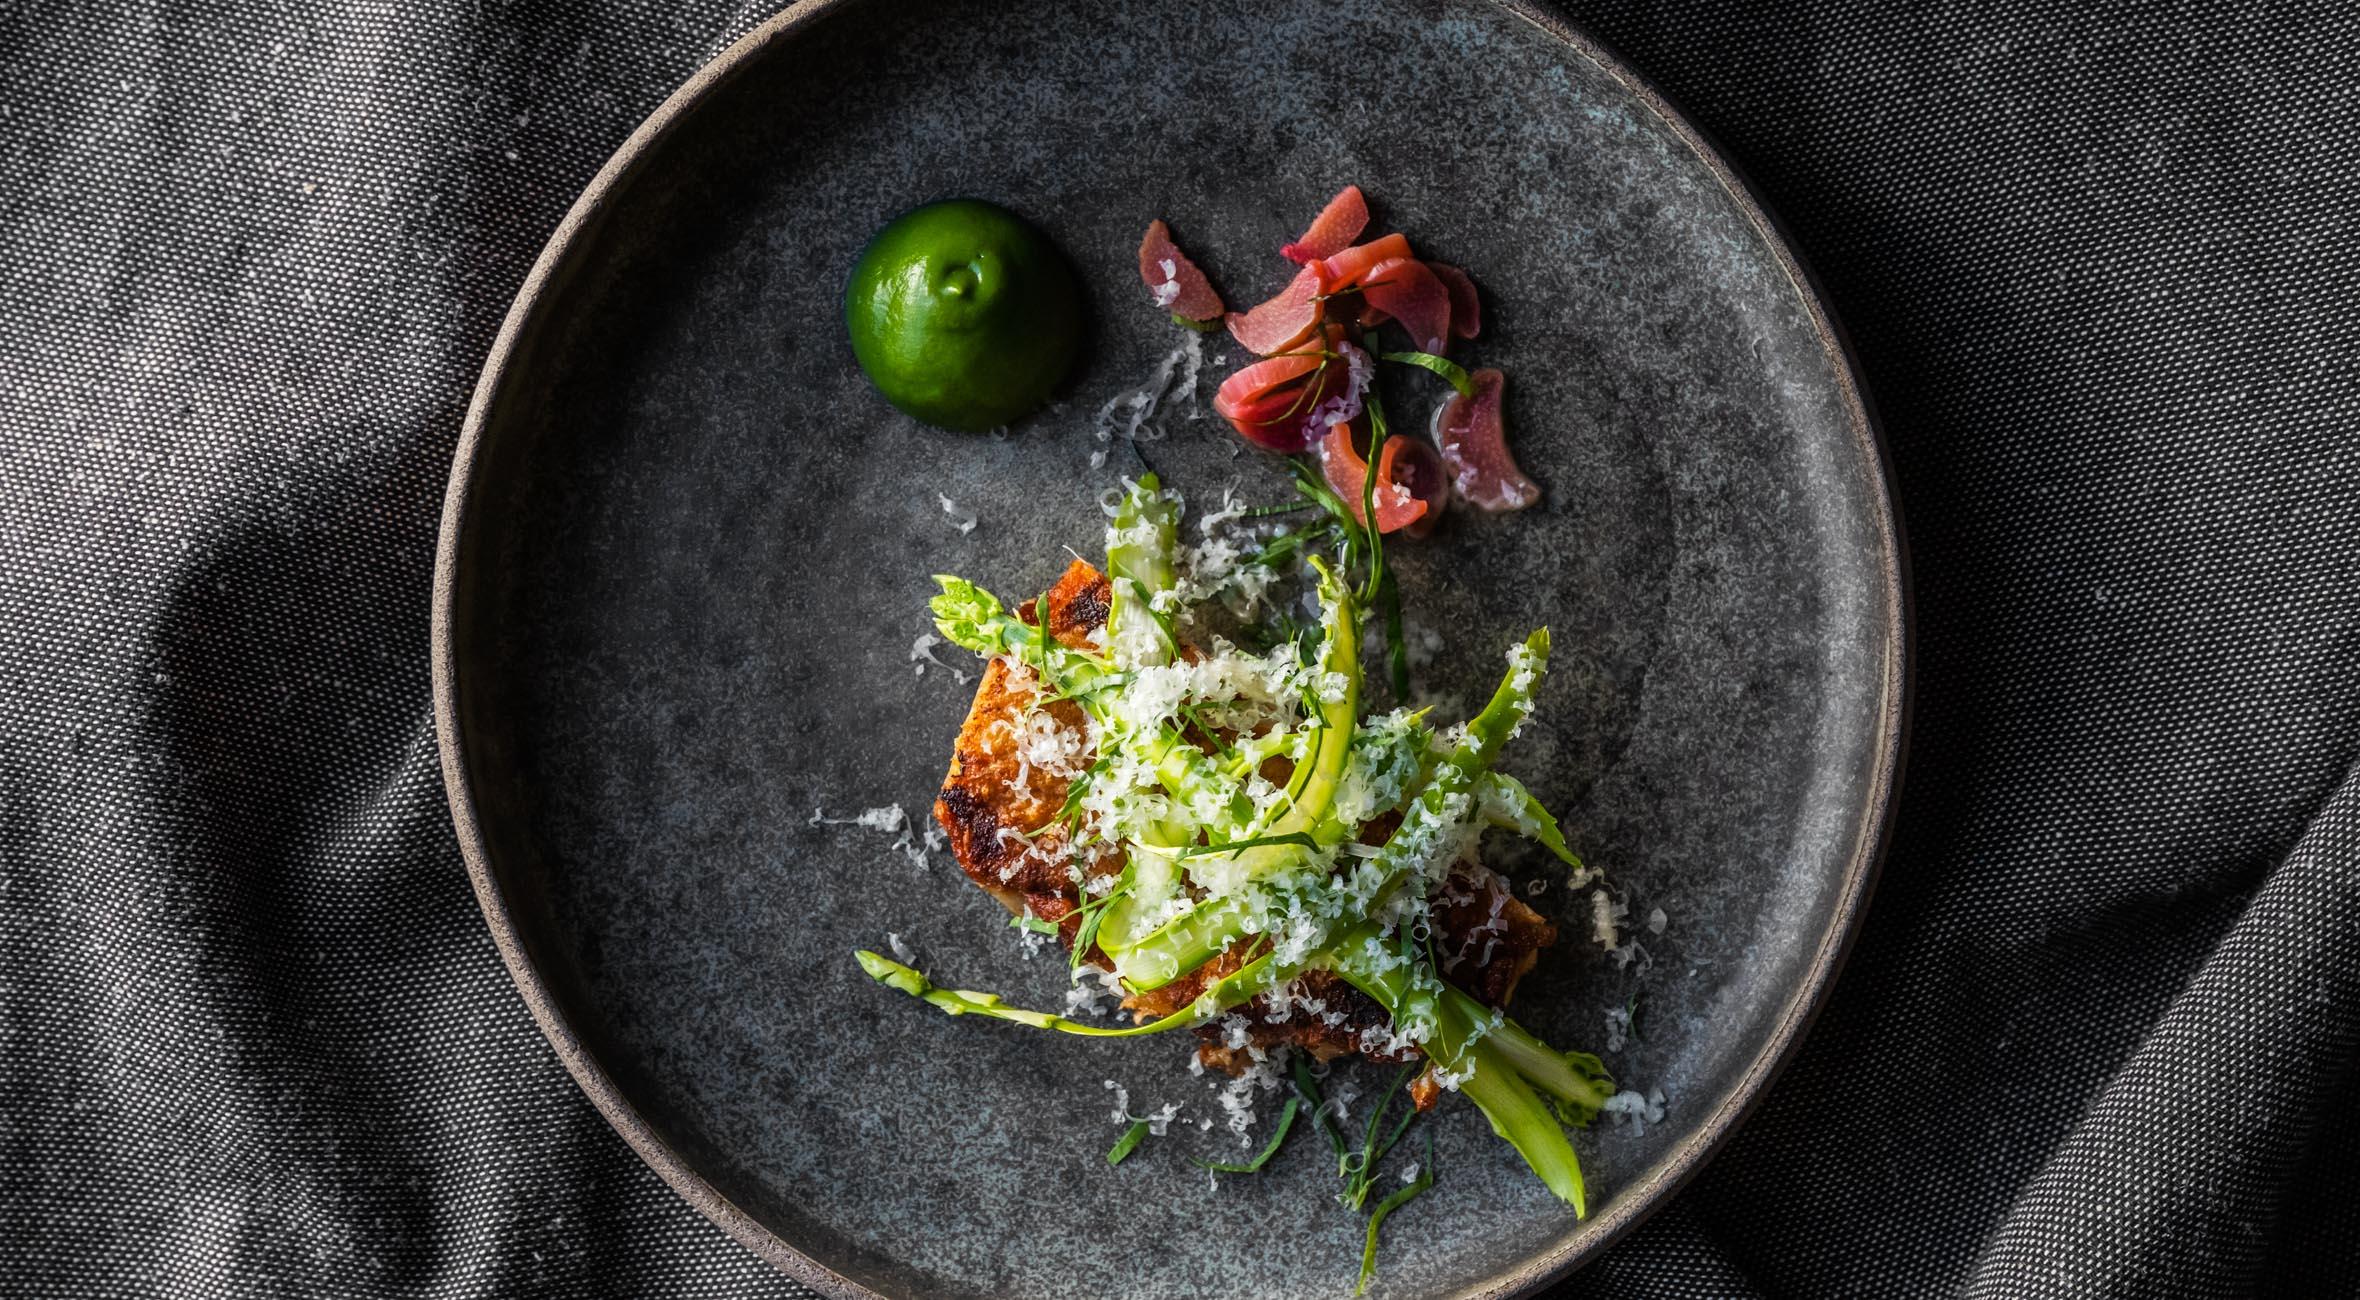 7 serveringer hos Naert i Indre By – Tidligere Michelin-kokke byder på nordisk gastronomi i særklasse